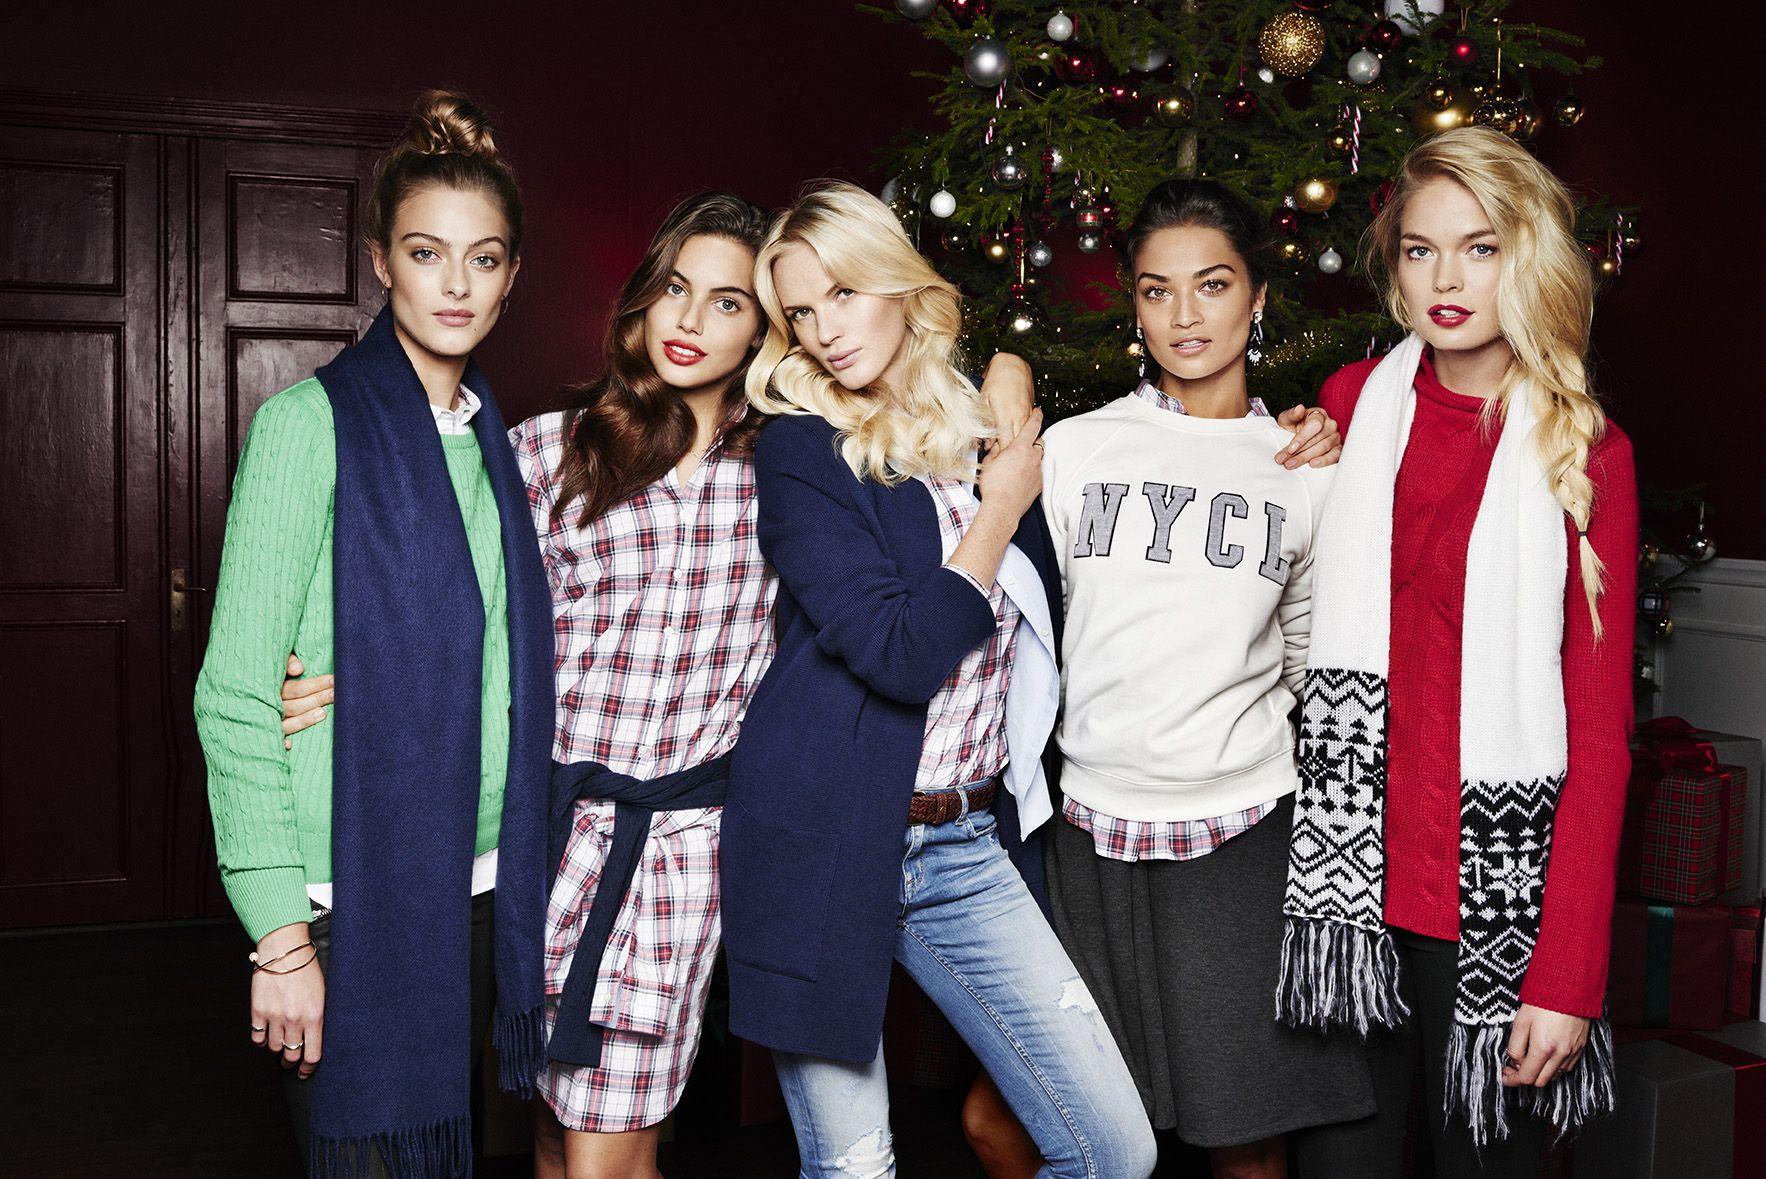 Shanina Shaik, Anne Vyalitsyna, Shiloh Malka, Lone Praesto Nordström, Klara Wester for Gina Tricot Christmas 2014.